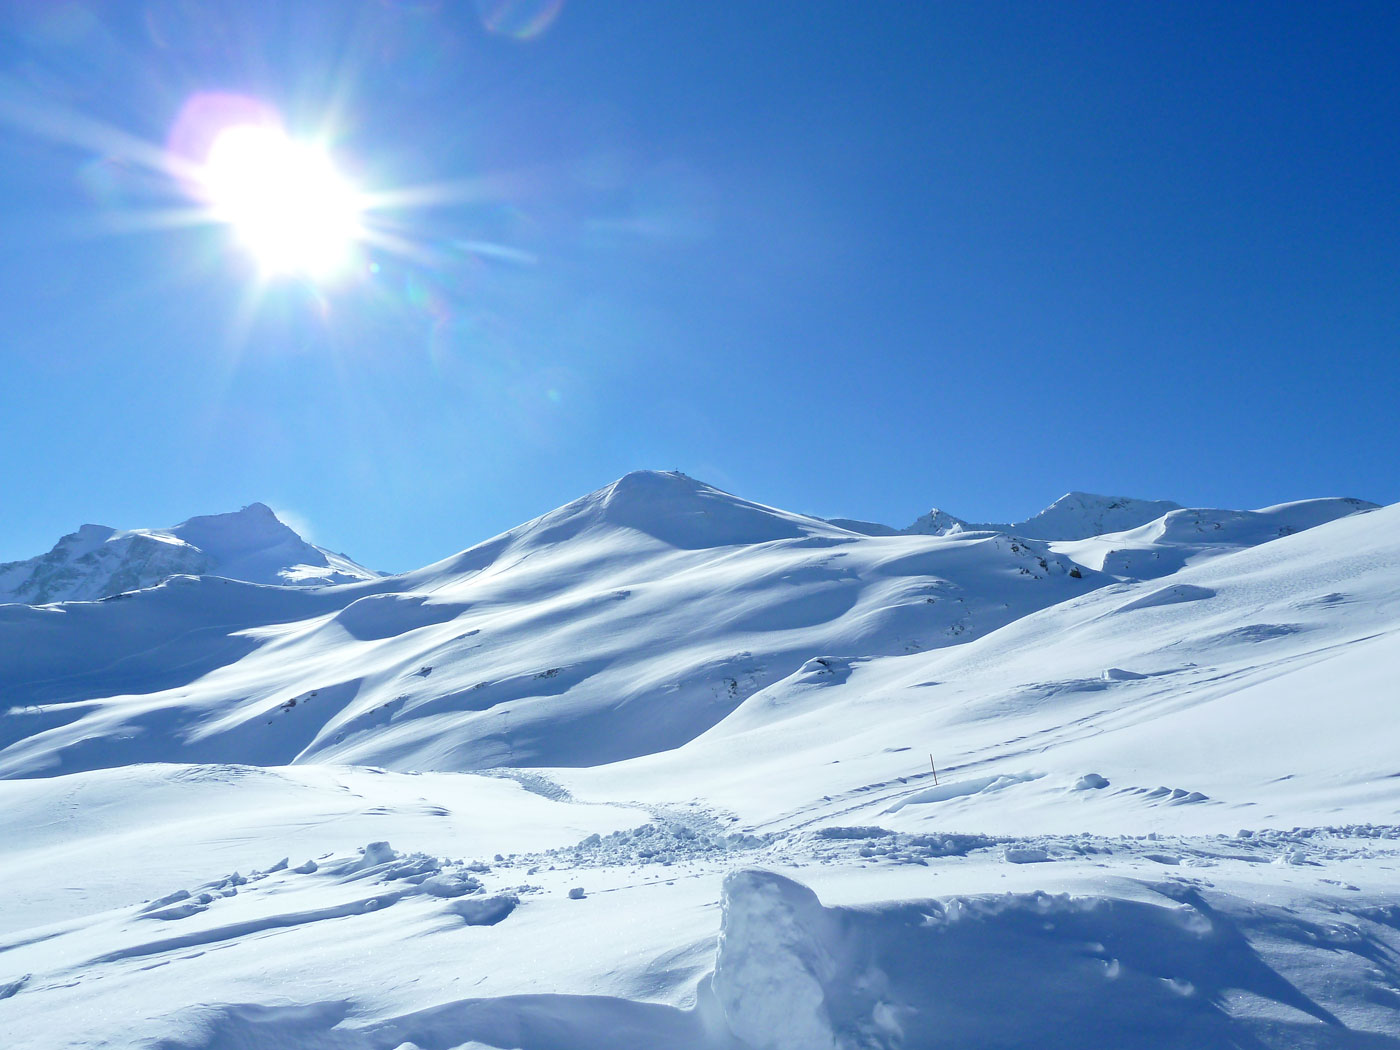 Đồi tuyết lạnh lẽo dưới ánh mặt trời